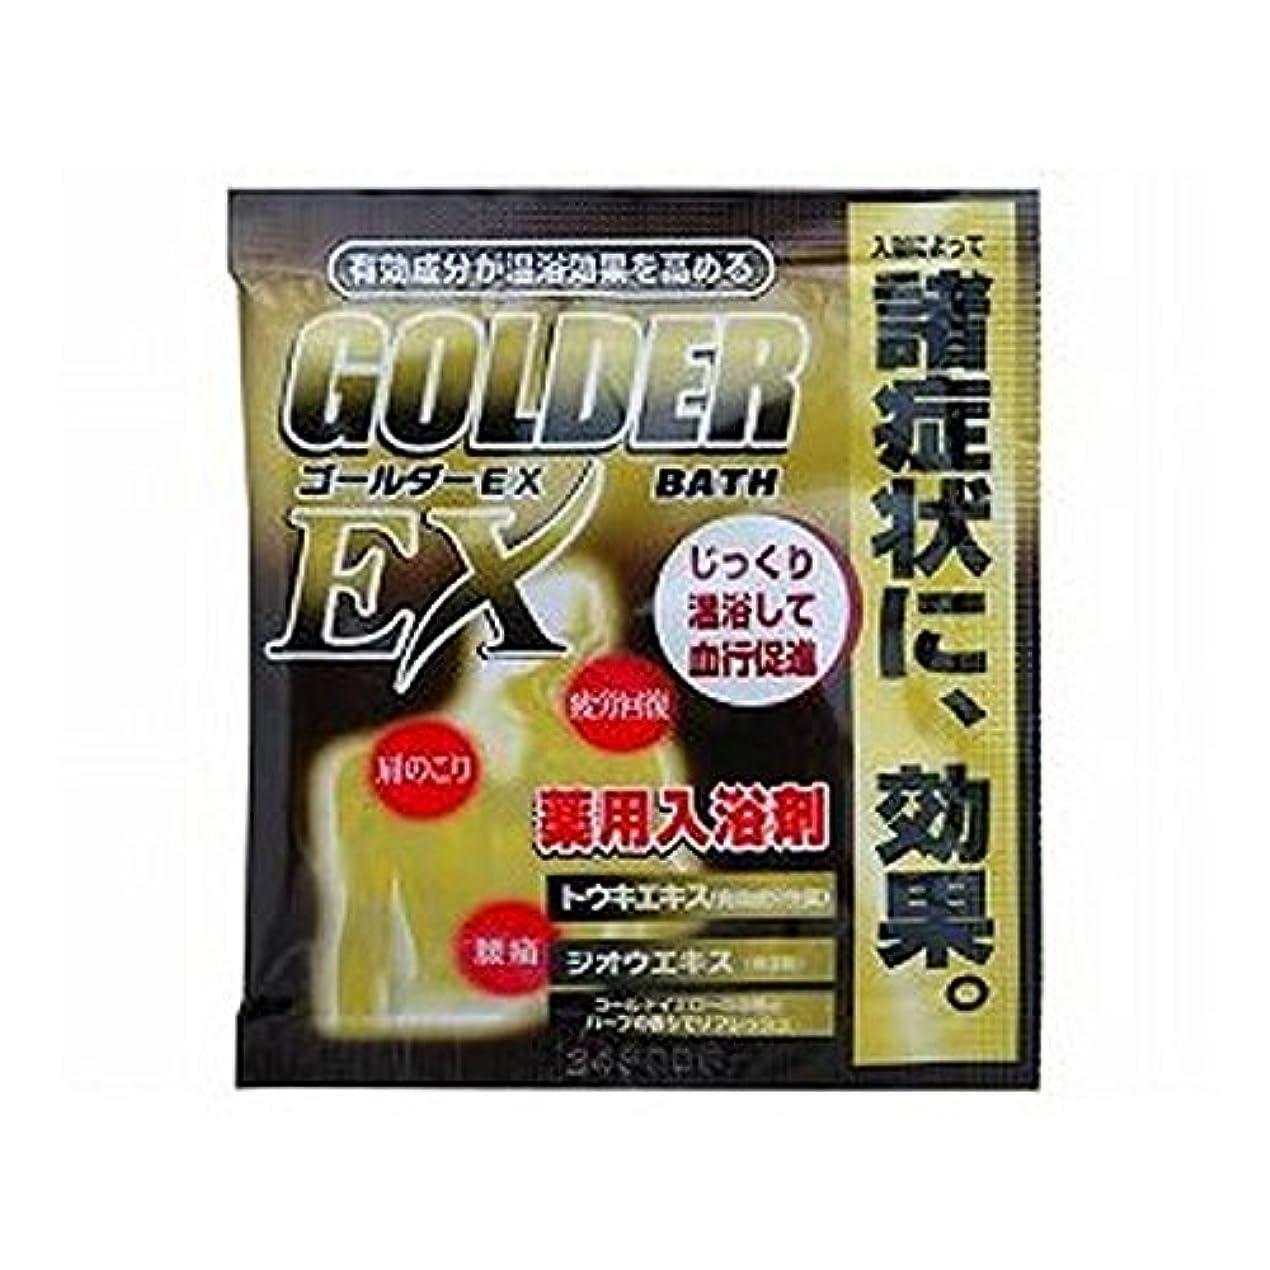 雑多なビクター火炎ゴールダーEX 25g(入浴剤)